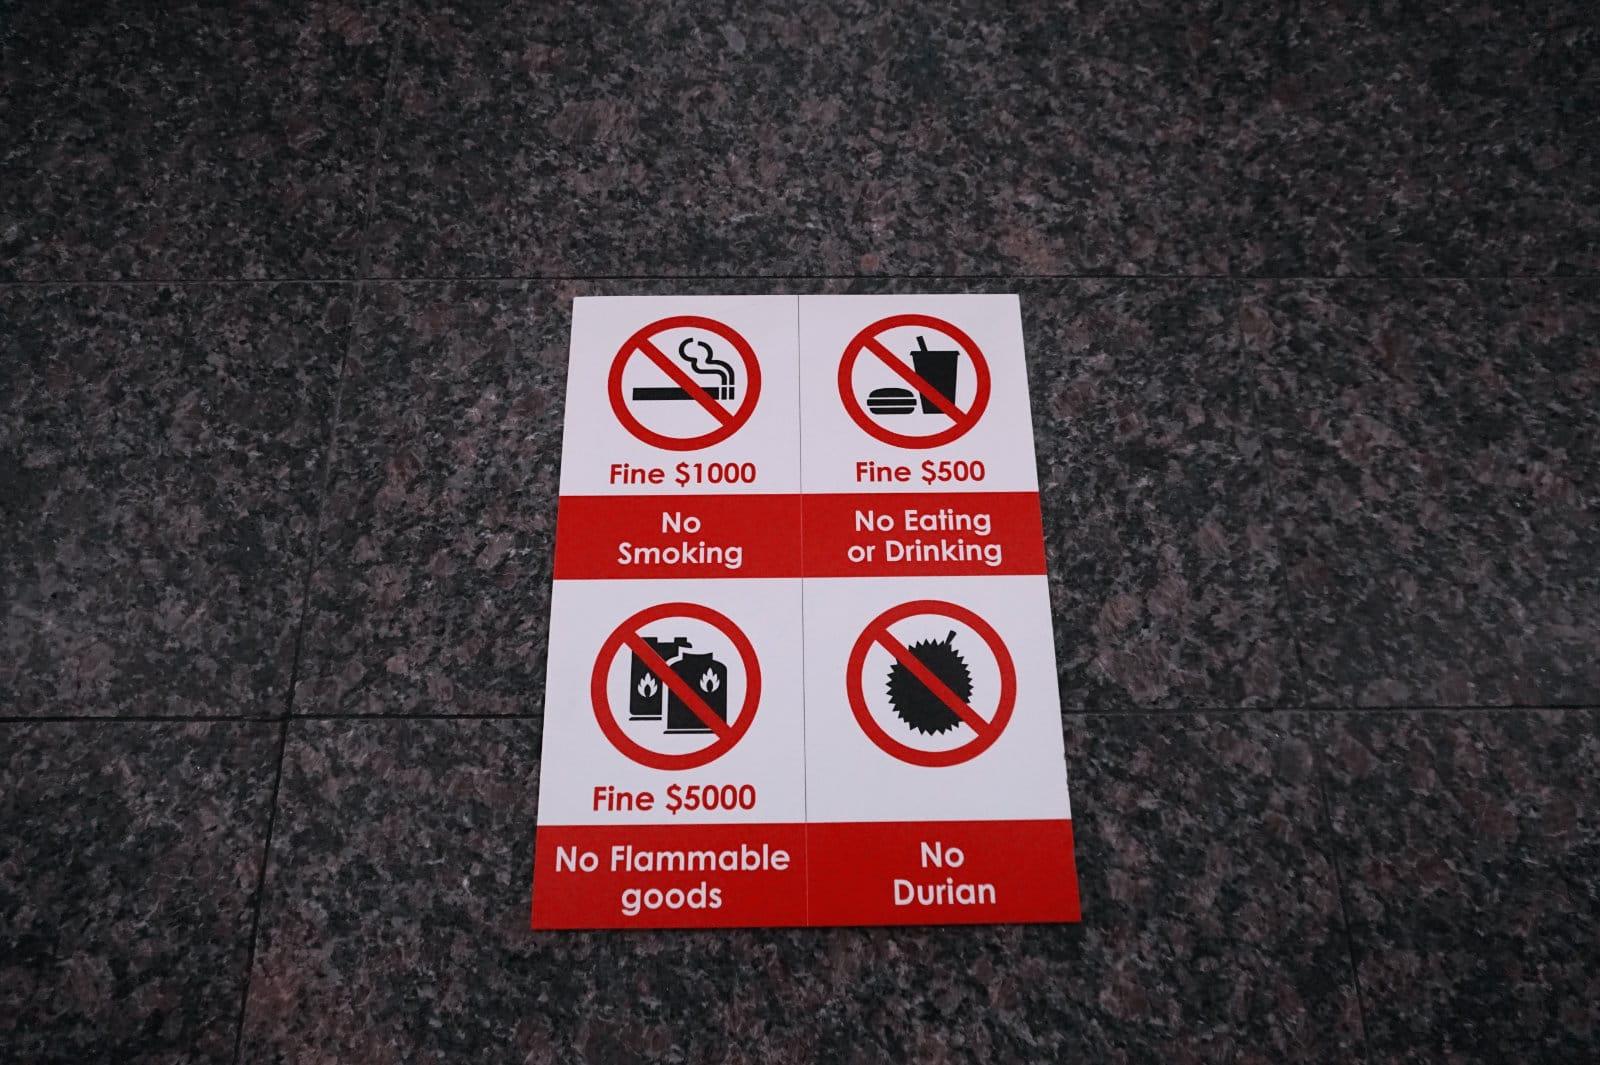 Singapur ist bekannt für seine strengen Gesetze